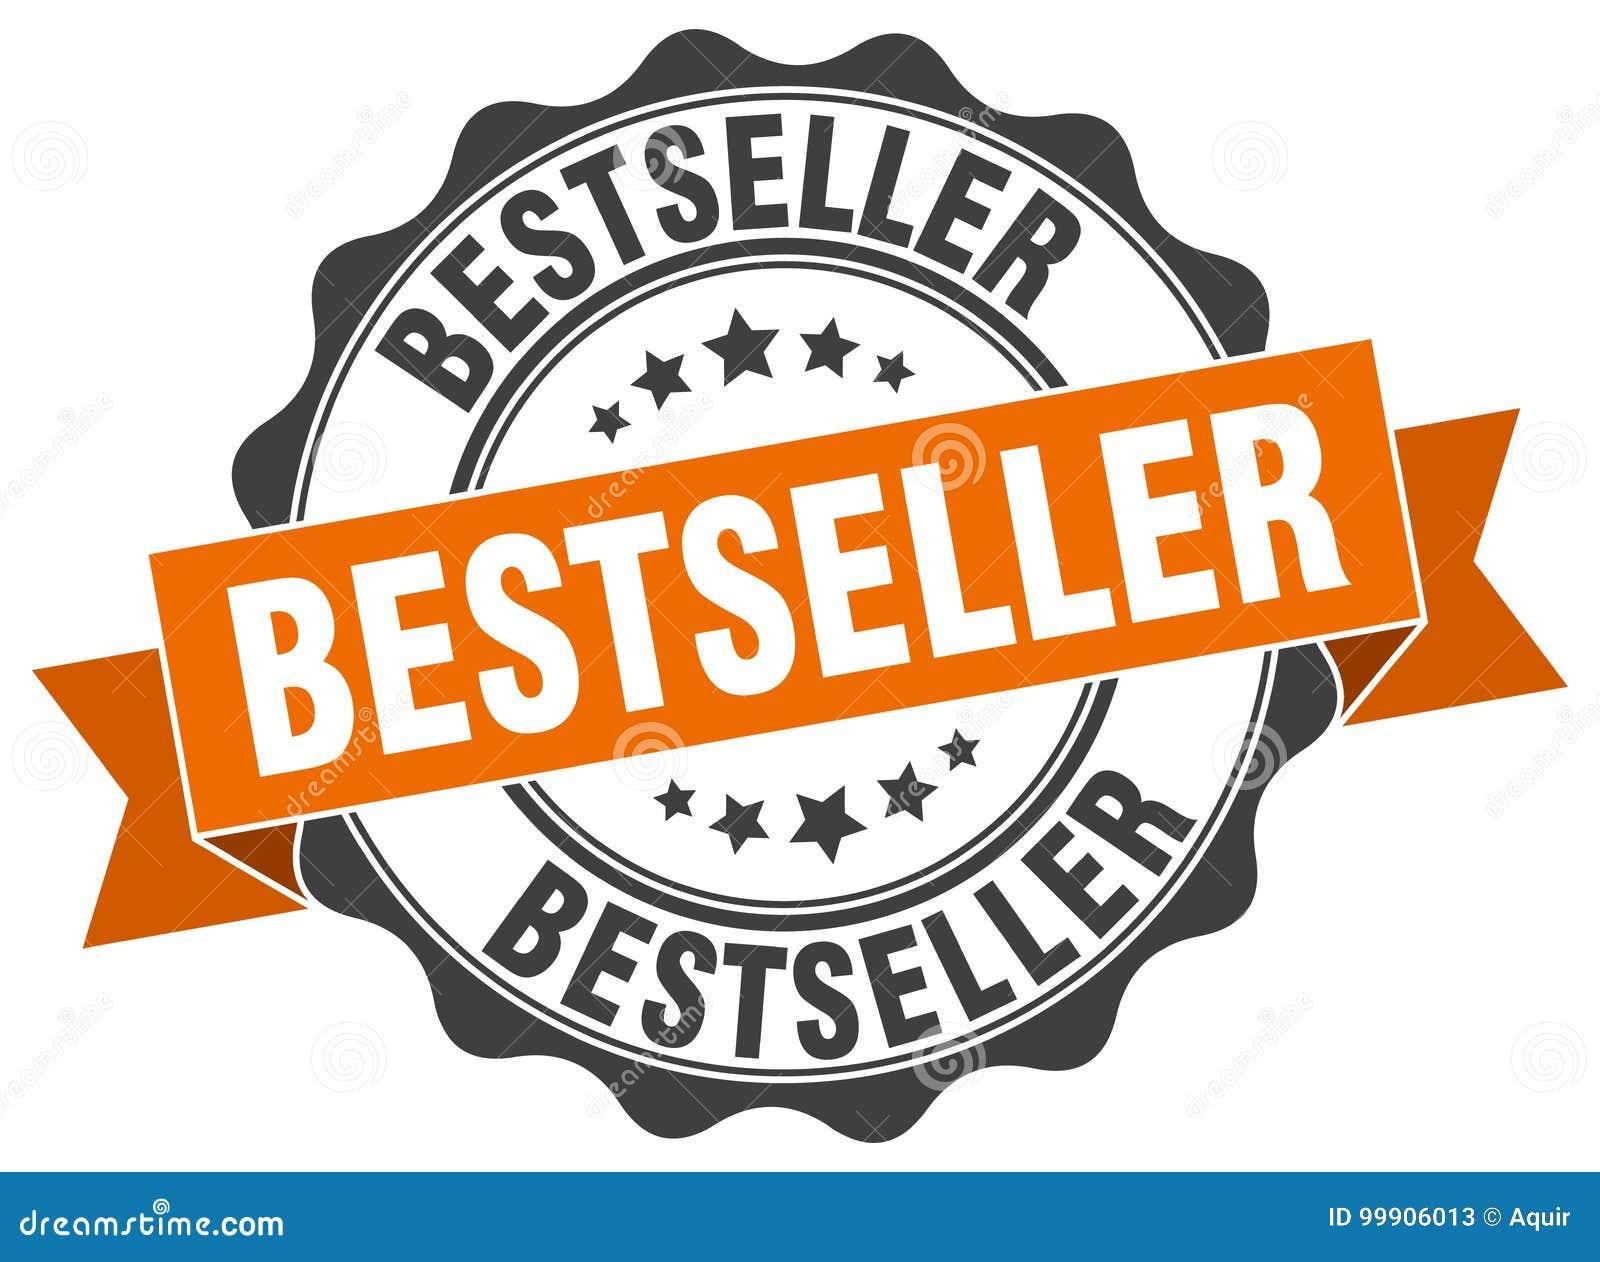 Bestseller seal